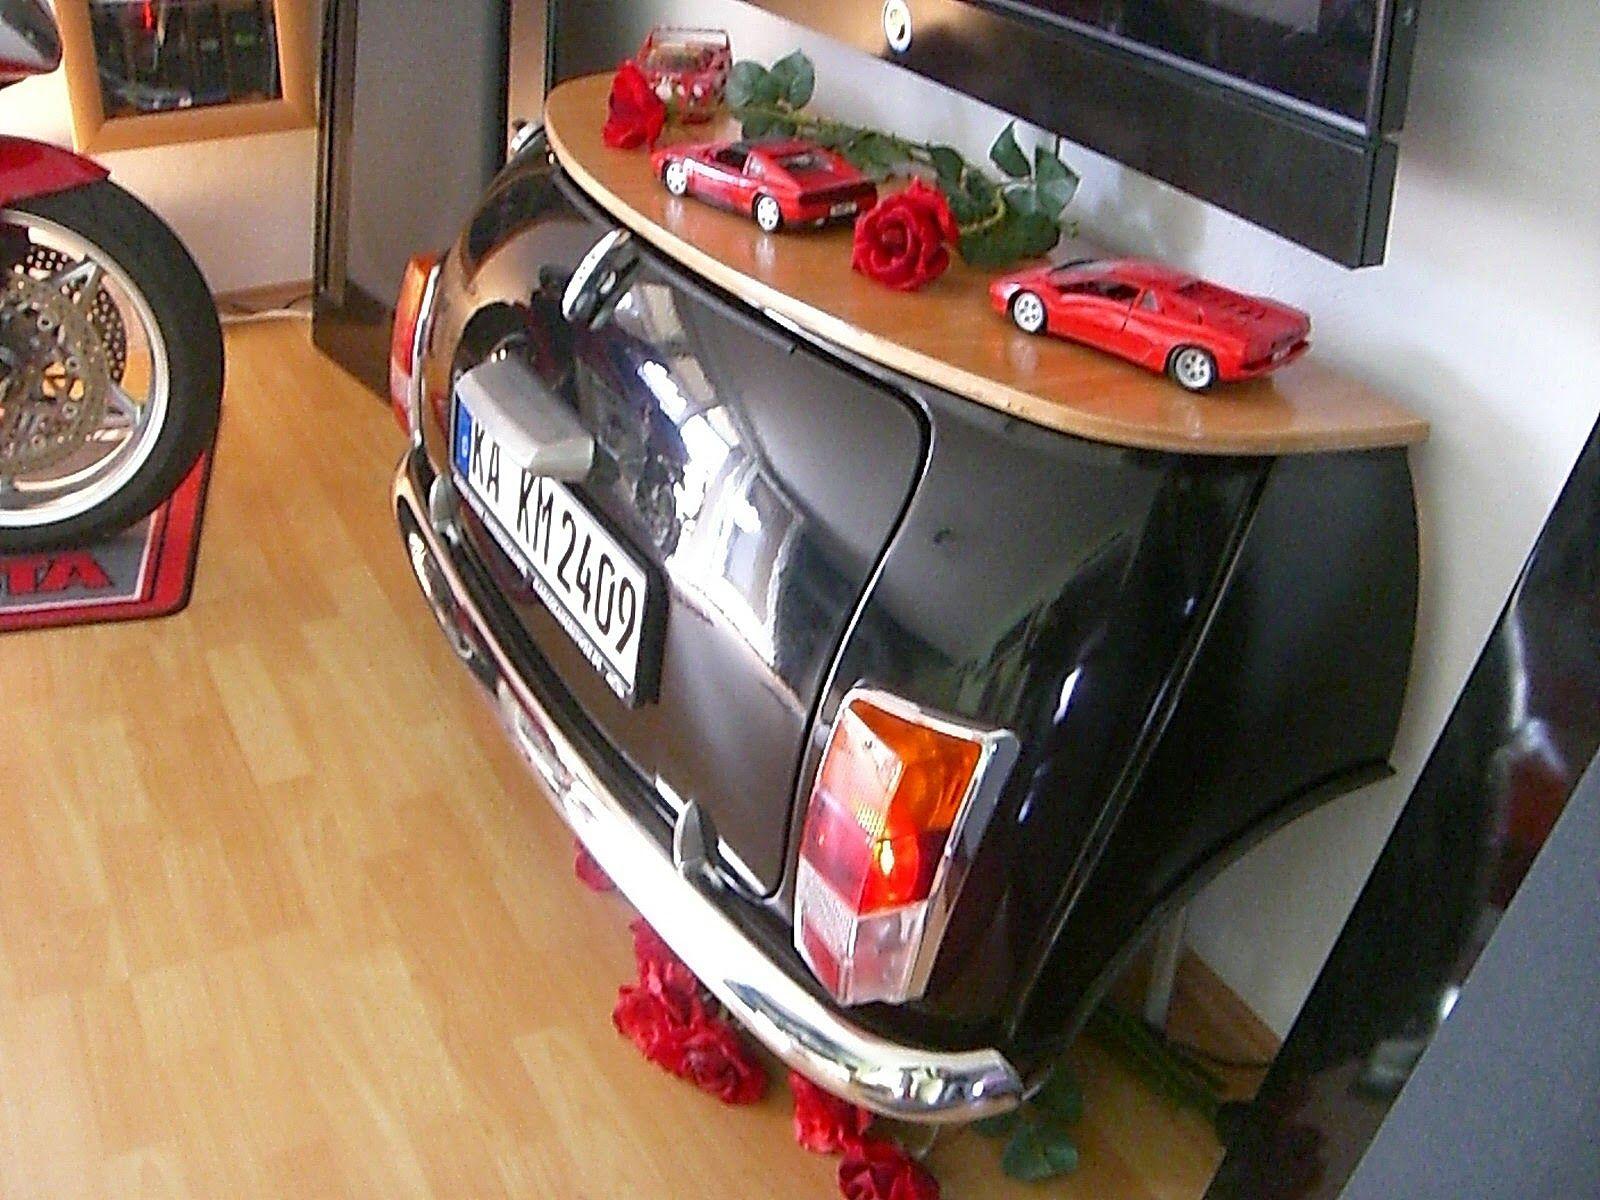 Originales muebles hechos con partes de coches vol 2 muebles coche pinterest originales - Decoracion interior coche ...